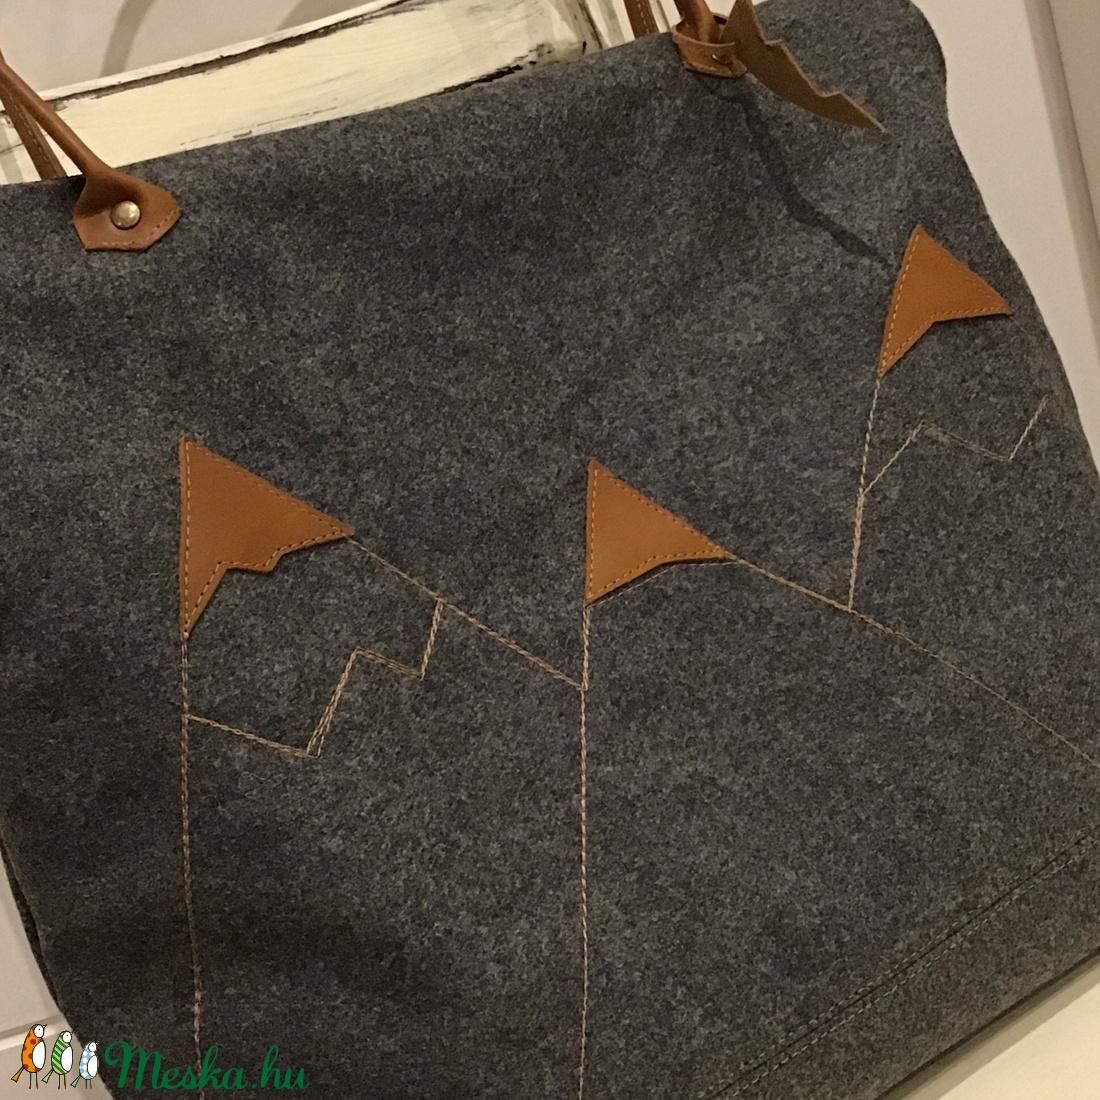 Bőrpántos táska Női táska Nagyméretű táska. pelenkázó táska (BYildi) - Meska 4dc282d865